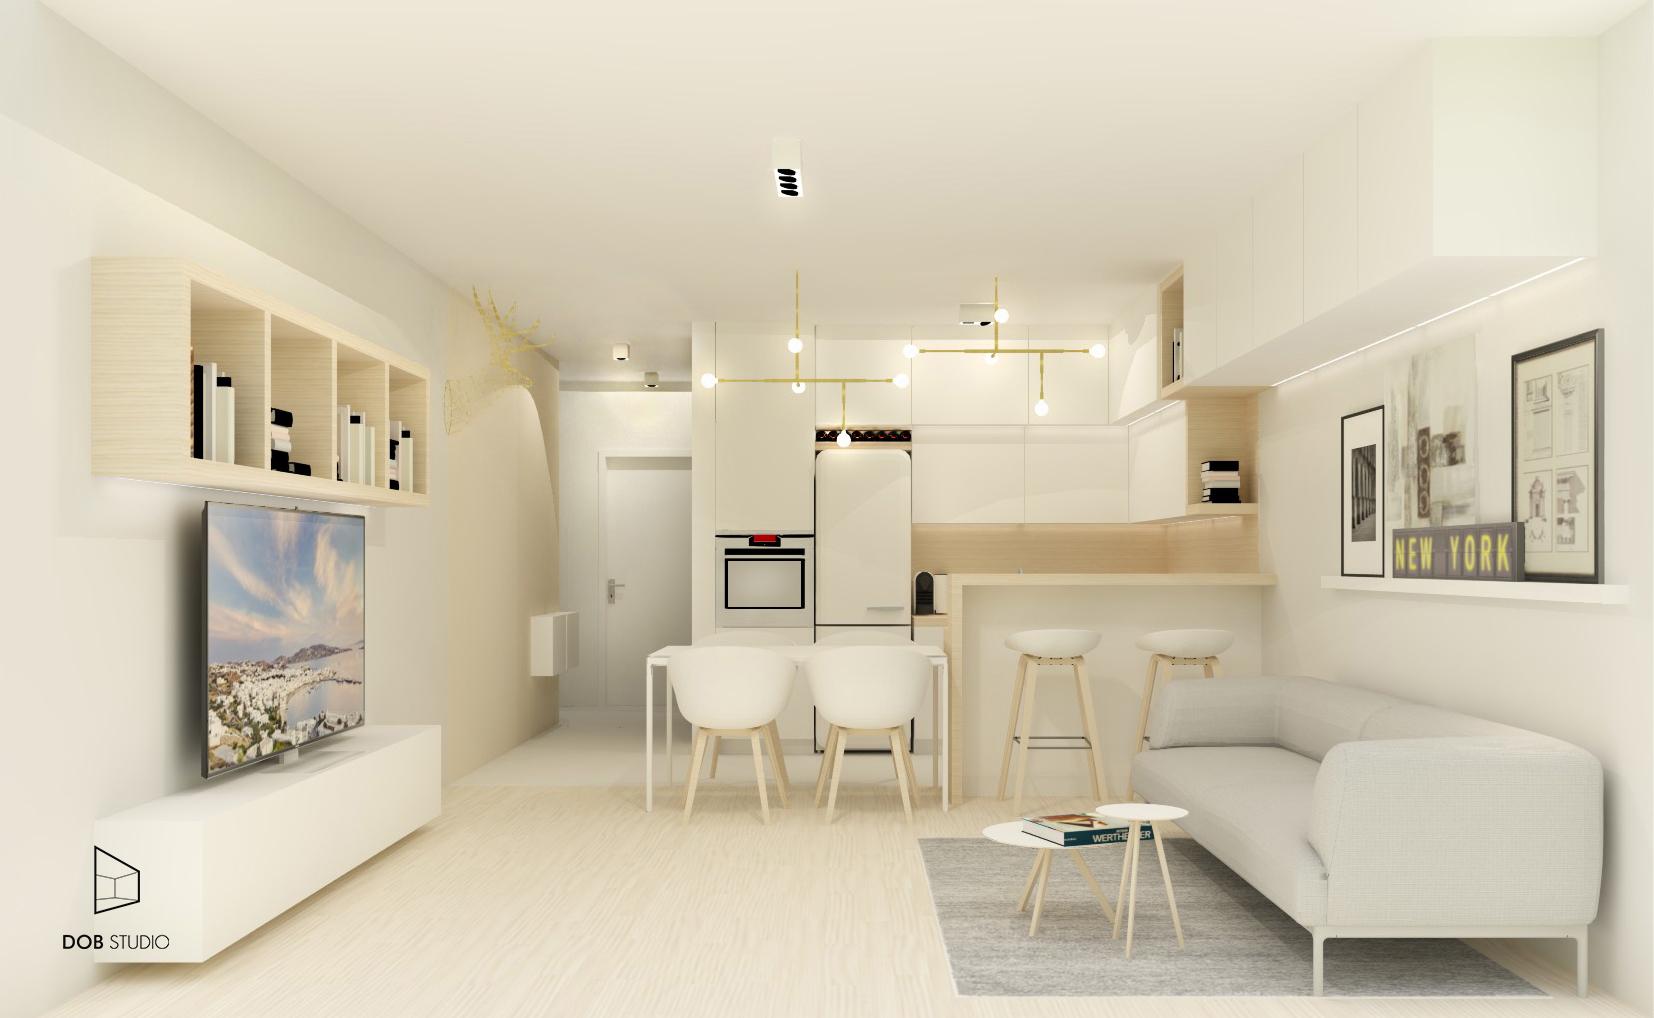 Apartament – Warszawa, Bemowo, Polska | Warsaw, Bemowo, Poland